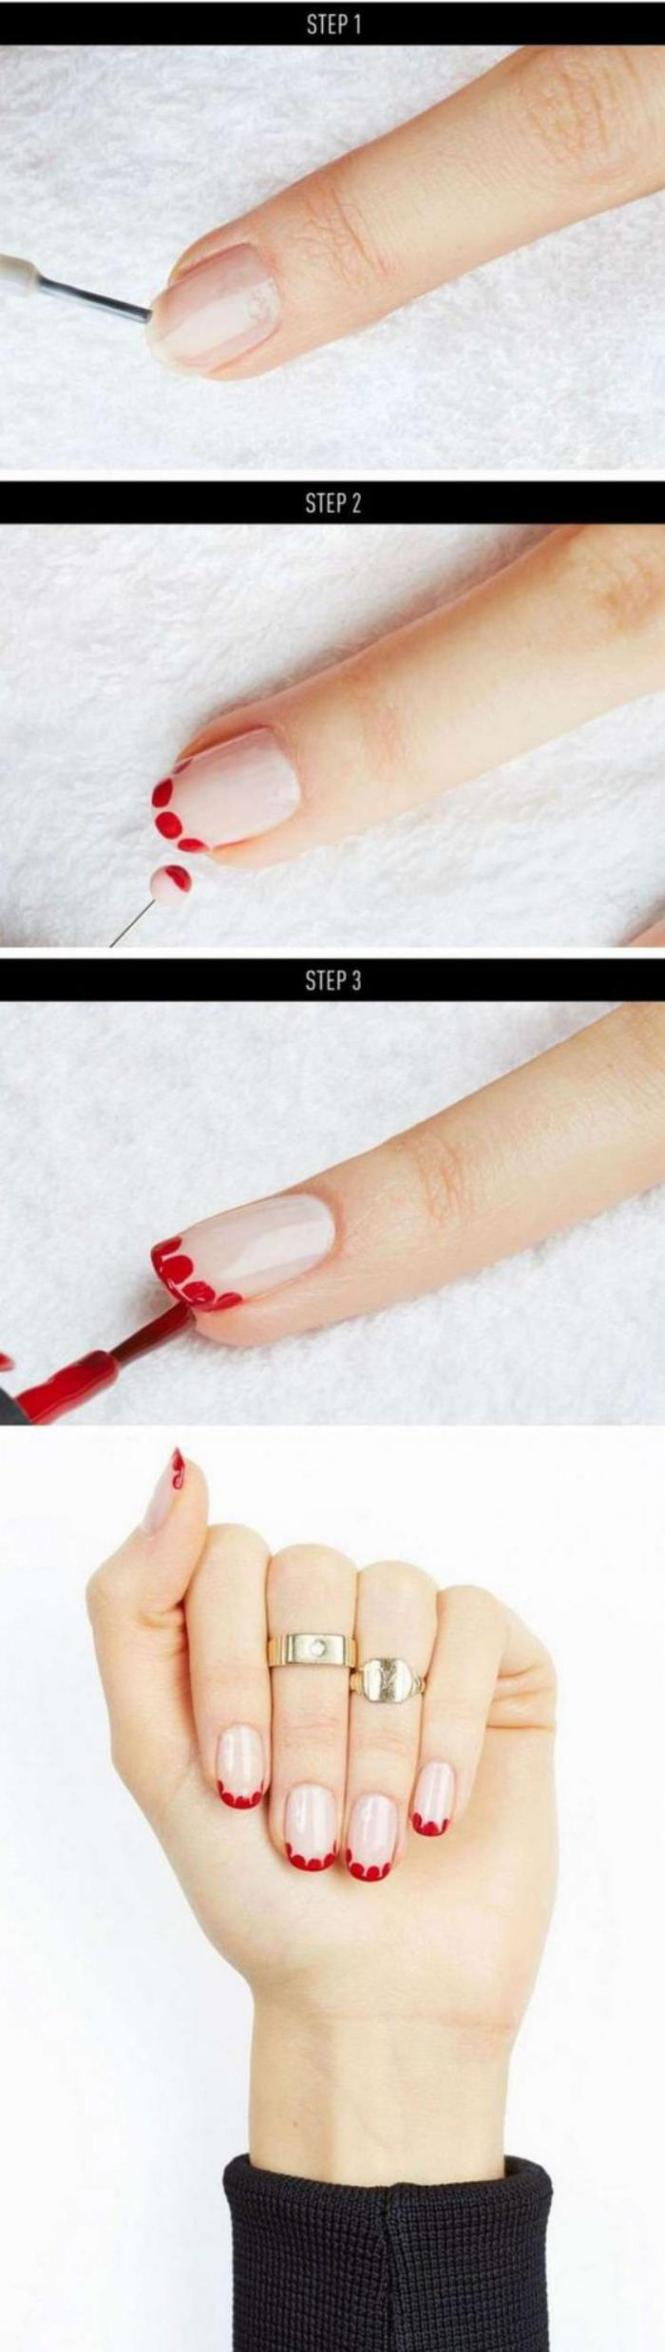 De Votre Nail Art Etape 4 Facultatif Customisez Manucure